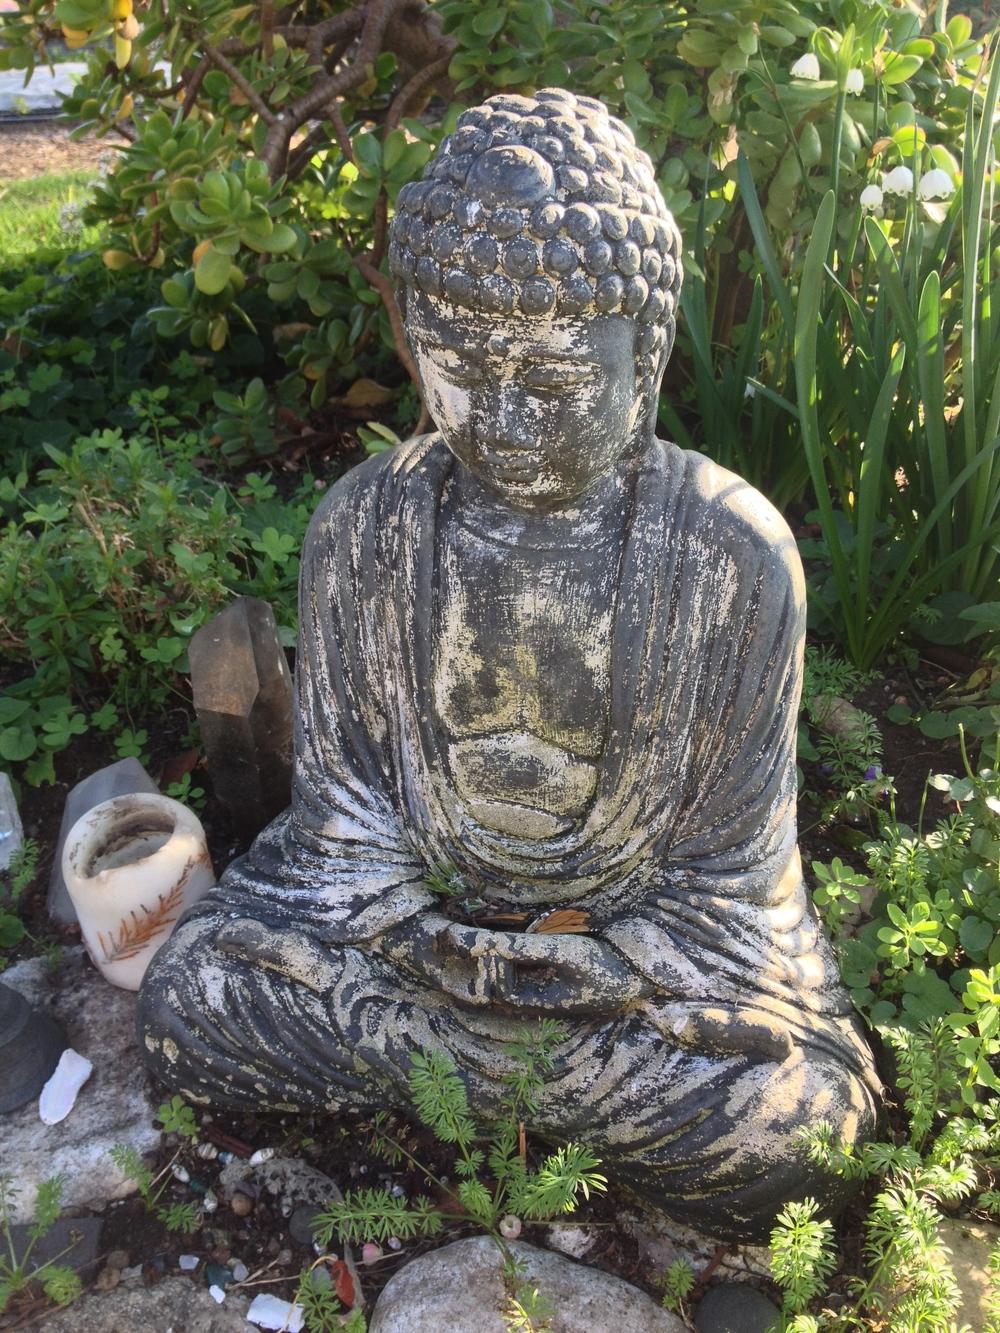 Esalen's garden Buddha